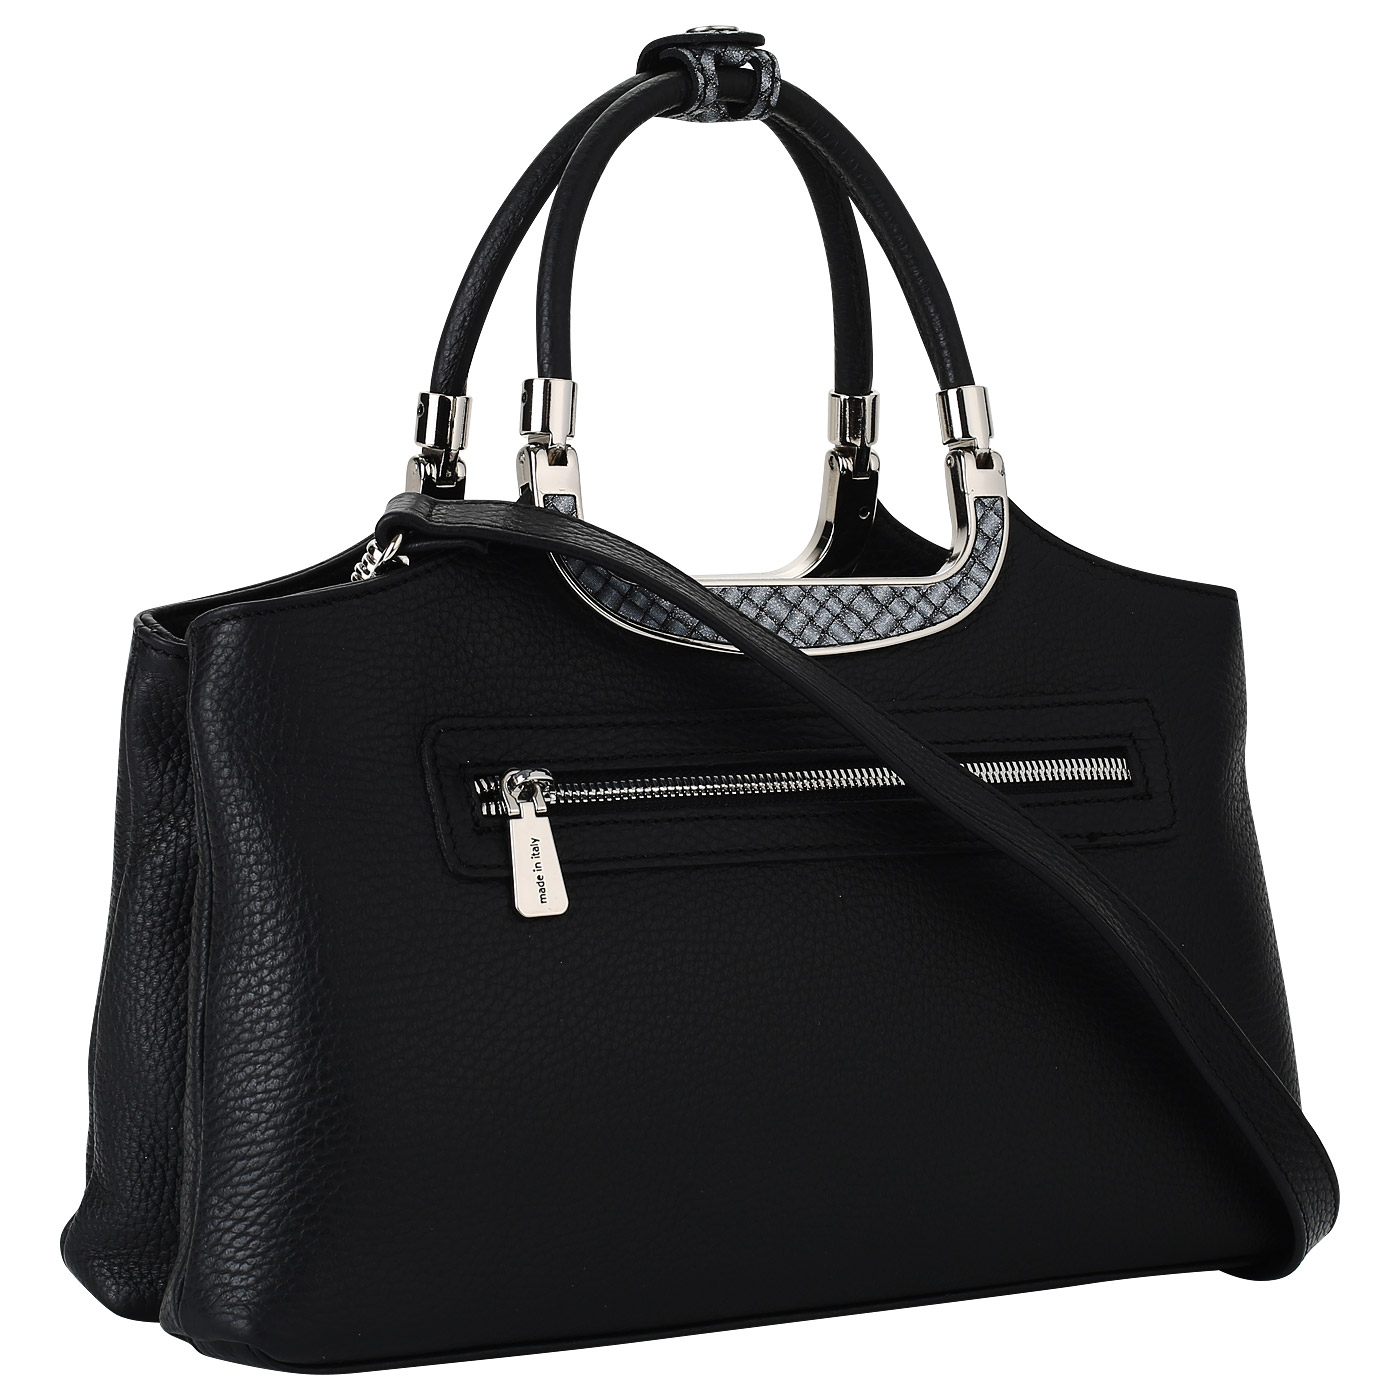 b96bcde6facb Женские сумки Gilda Tonelli - каталог цен, где купить в интернет ...